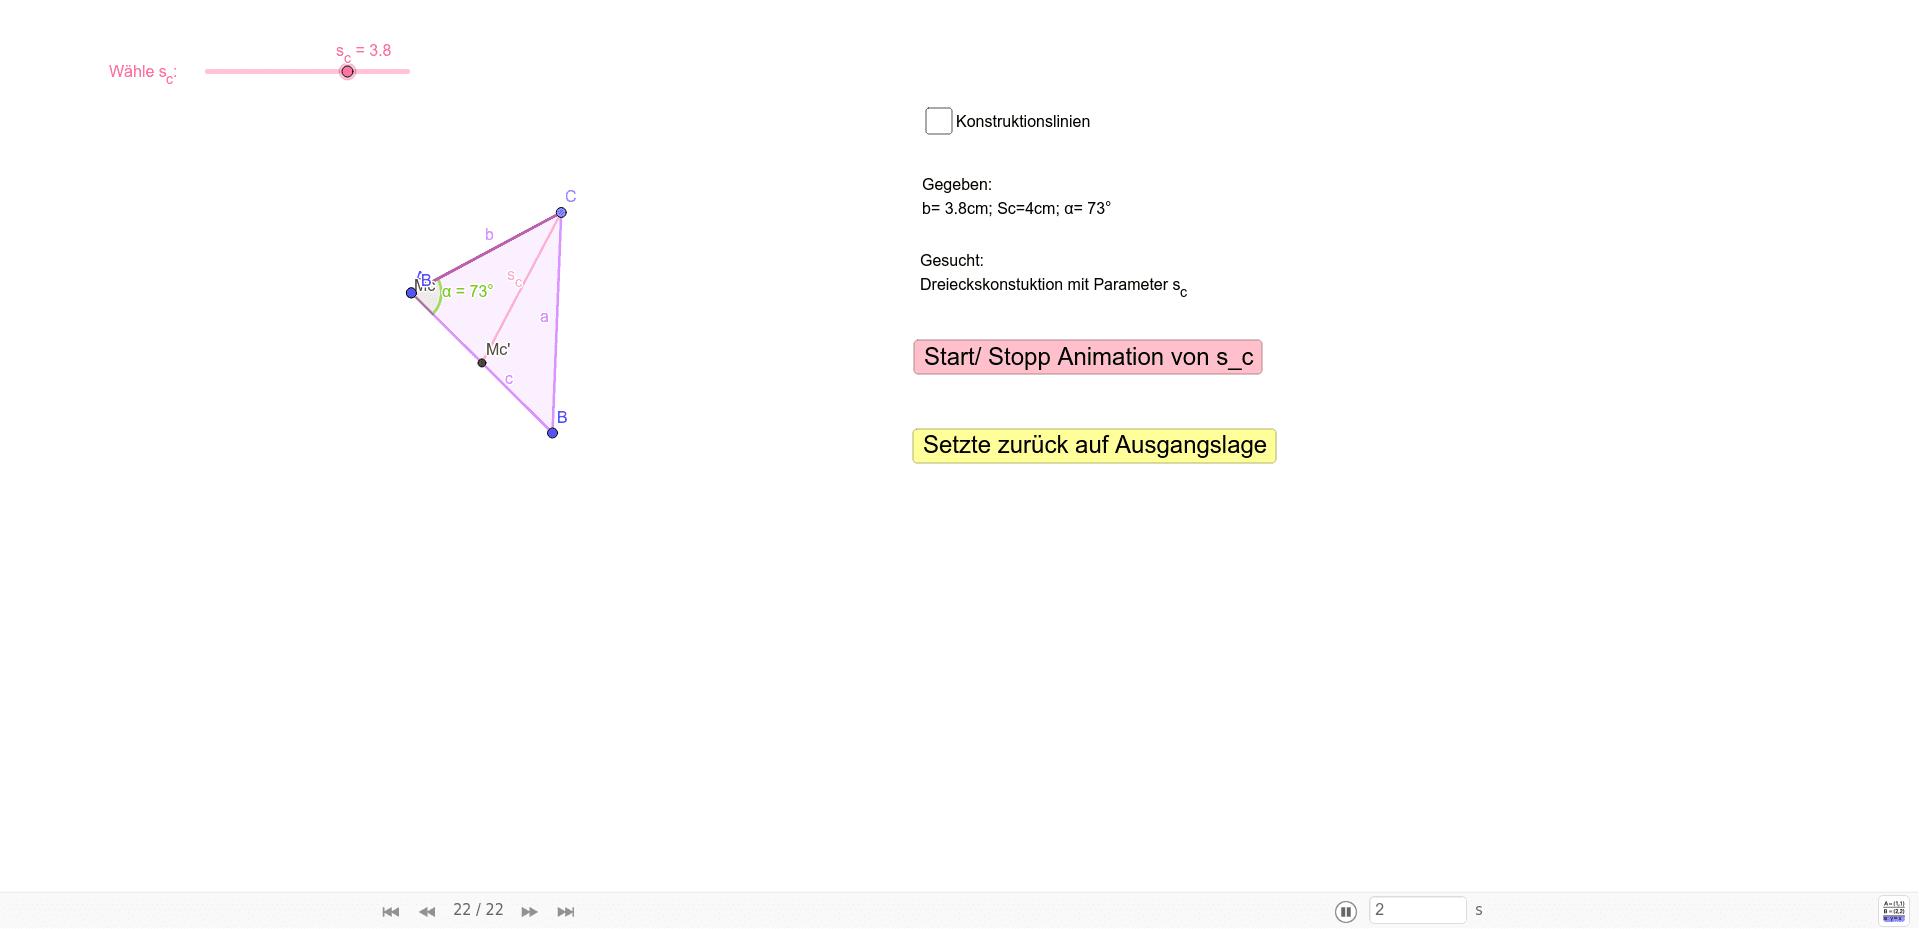 Aufgabestellung: Konstuieren Sie ein Dreieck aus b=3.8cm ; s_c= 4cm; α=73° Drücke die Eingabetaste um die Aktivität zu starten